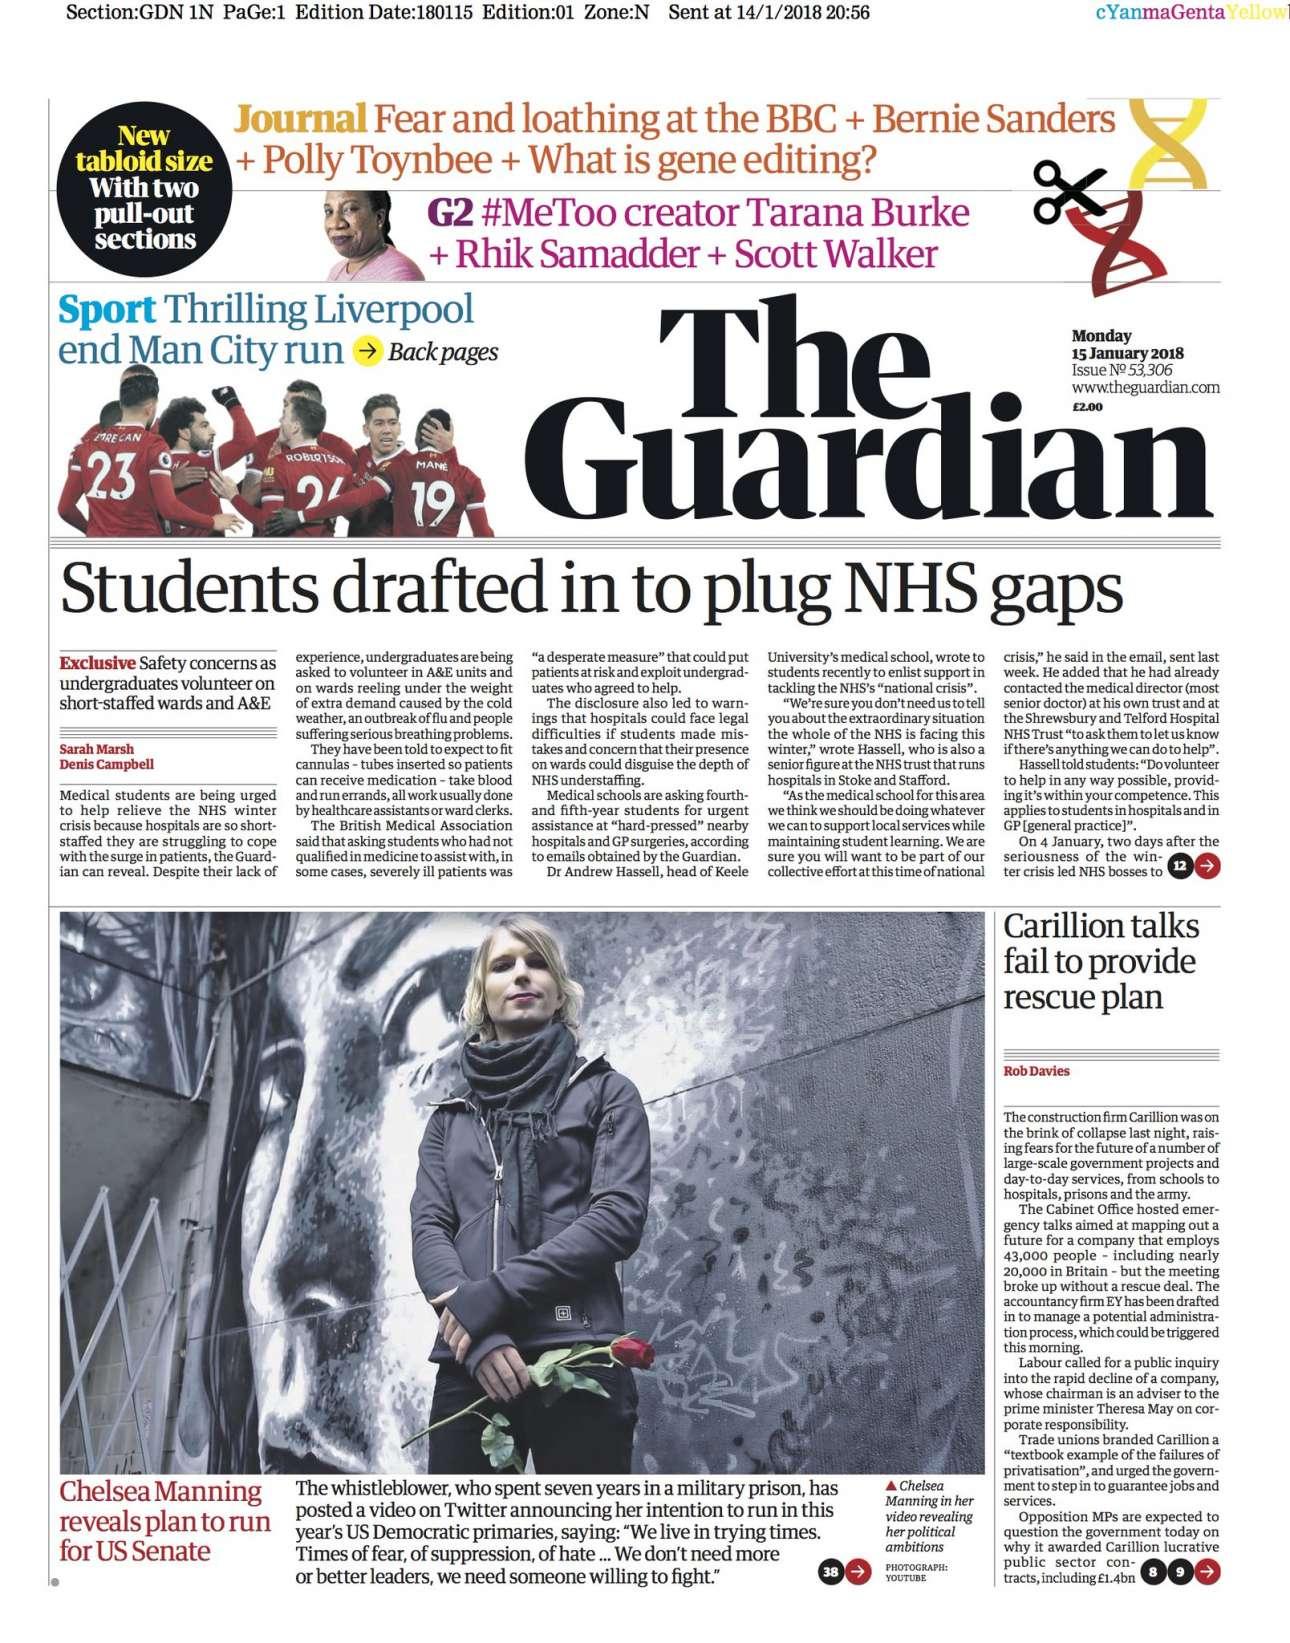 Ο Guardian είχε περάσει από το 2005 στο λεγόμενο Berliner b8578d50686